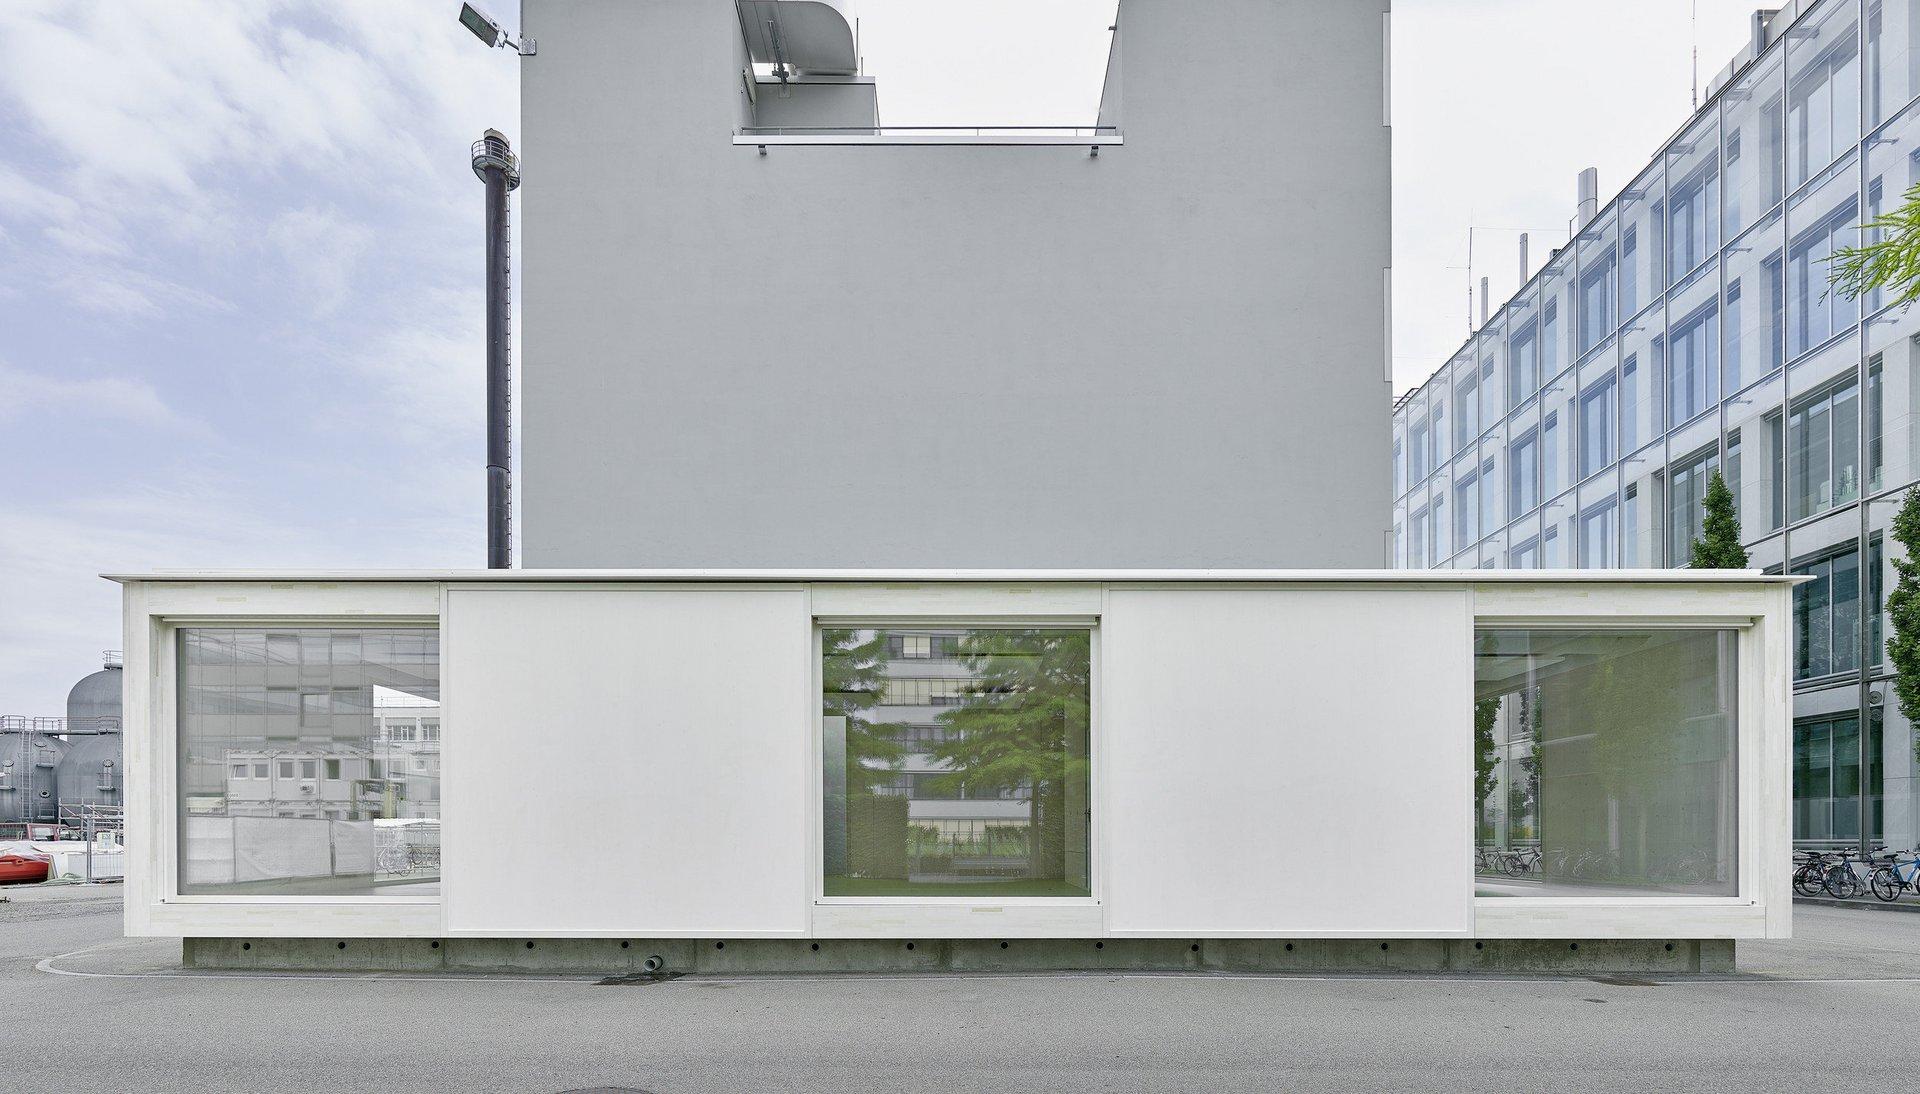 Büro-Modulbau von vorne mit 3 gleich grossen Fenstern in gleichmässiger Anordnung